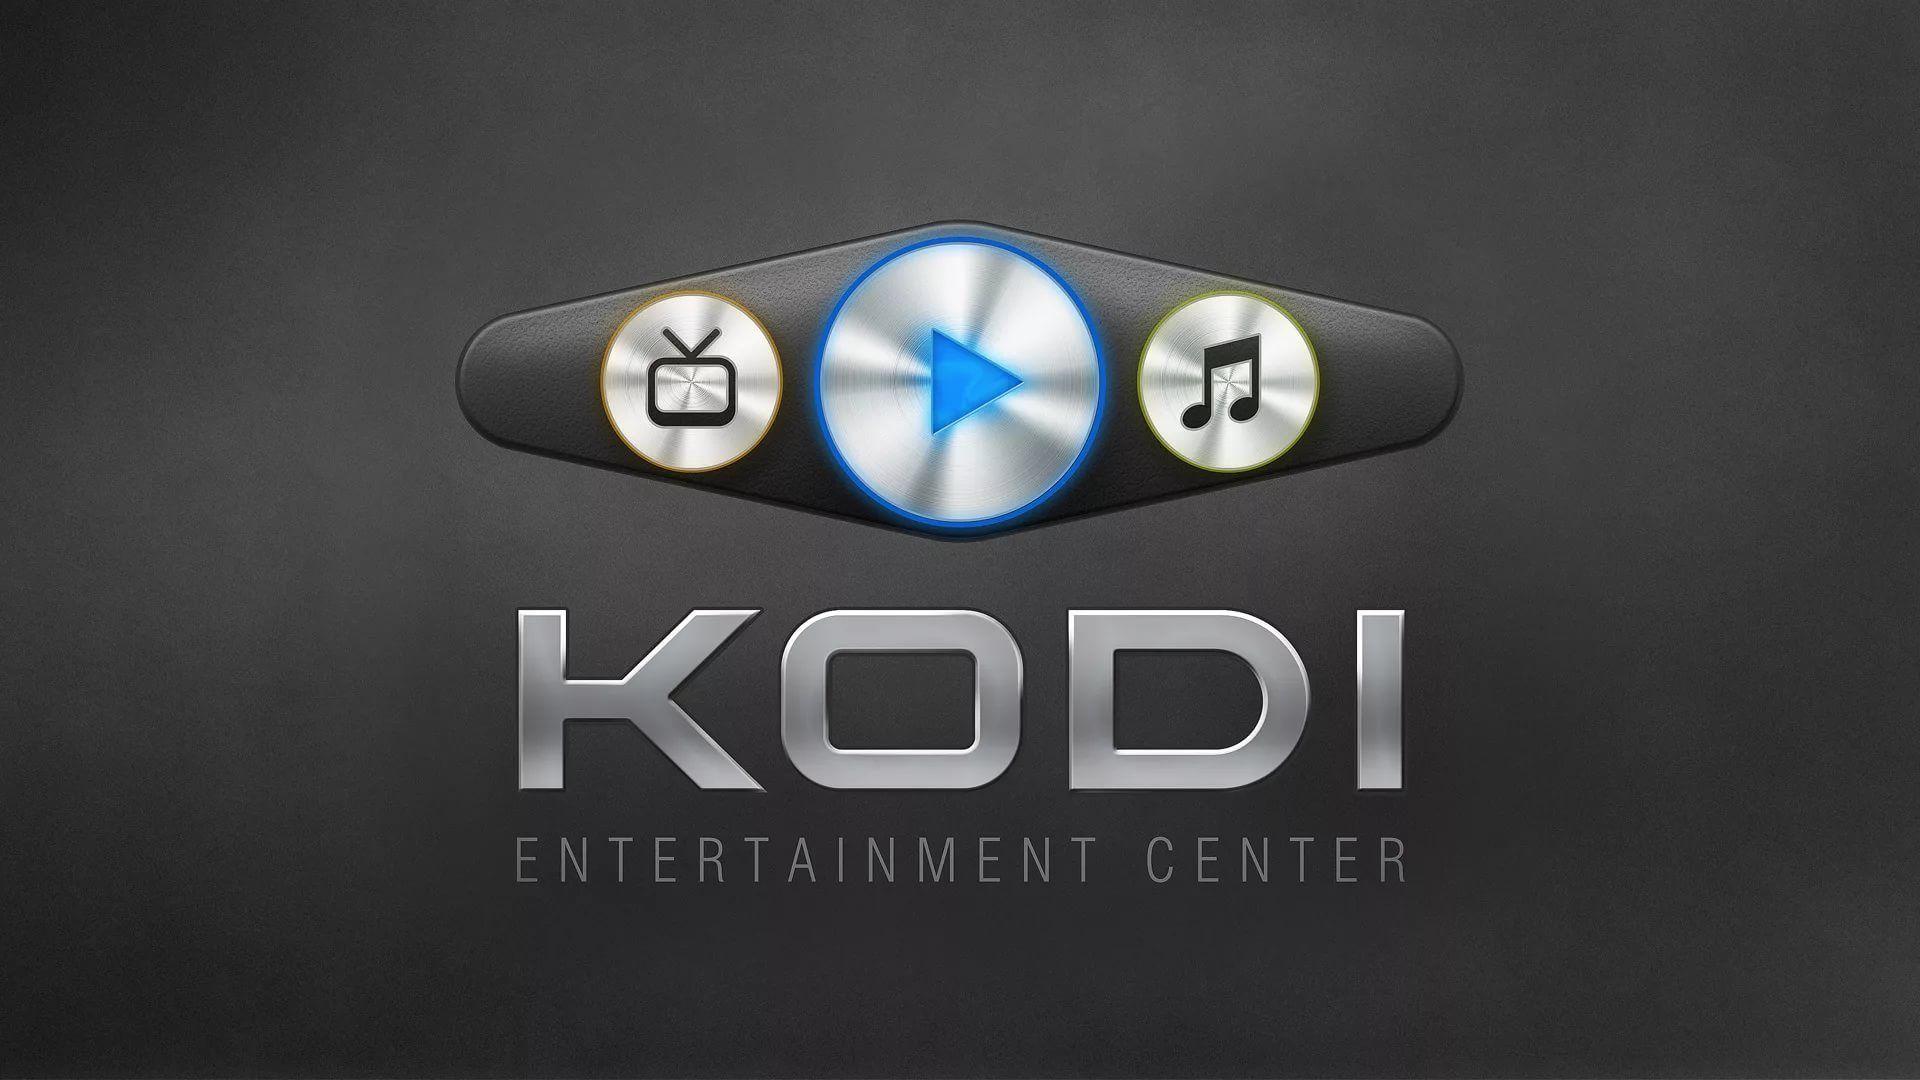 Kodi free download wallpaper